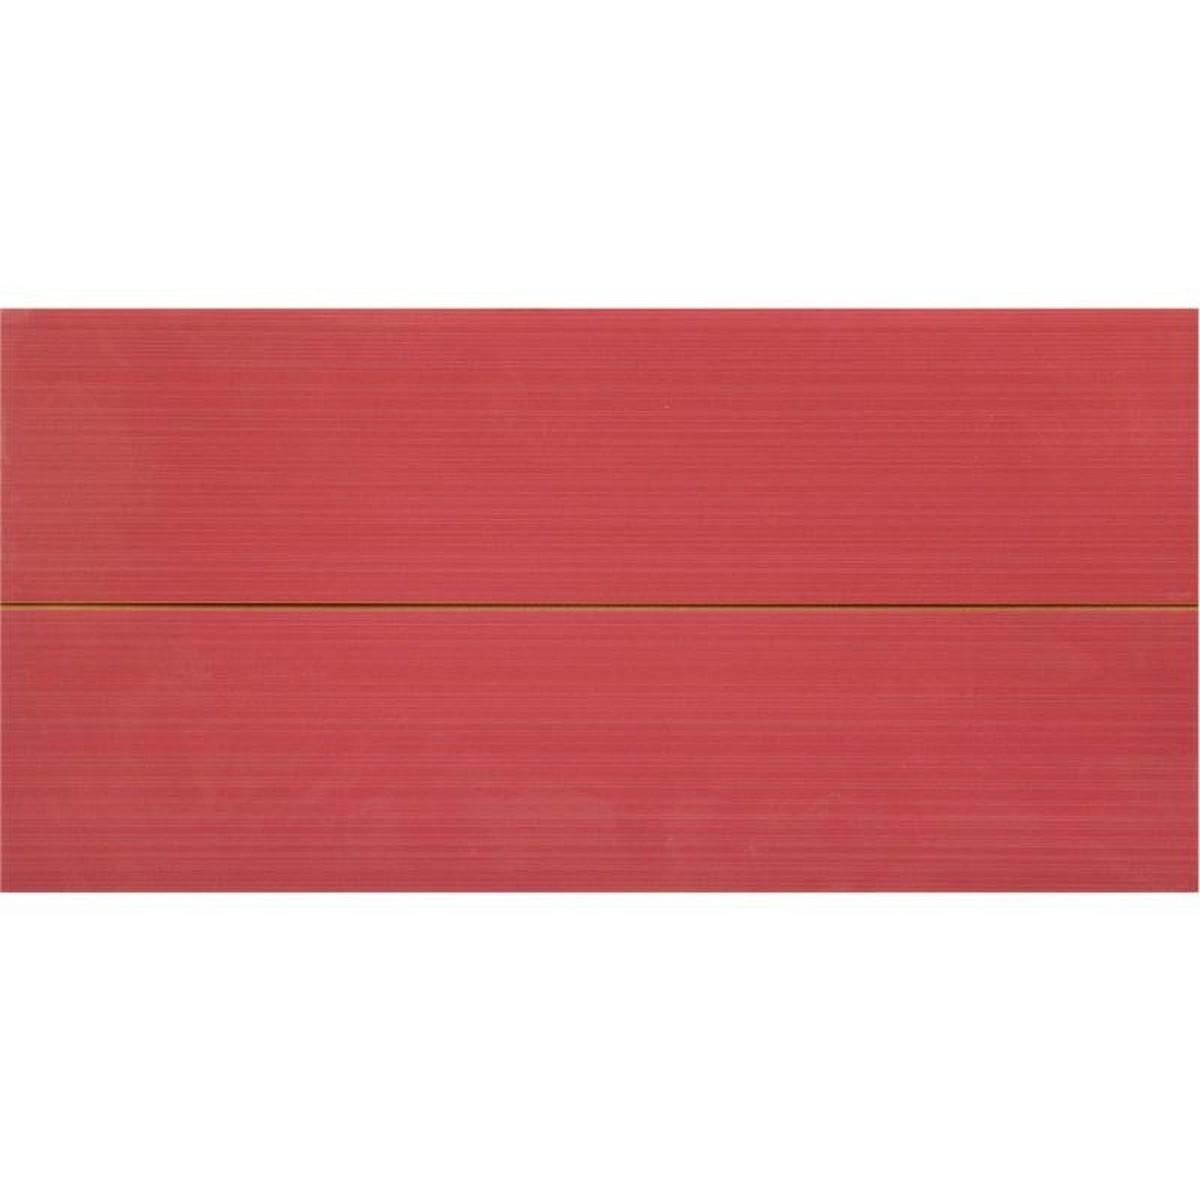 Вставка Фрэска 2 20х40 см цвет бордо